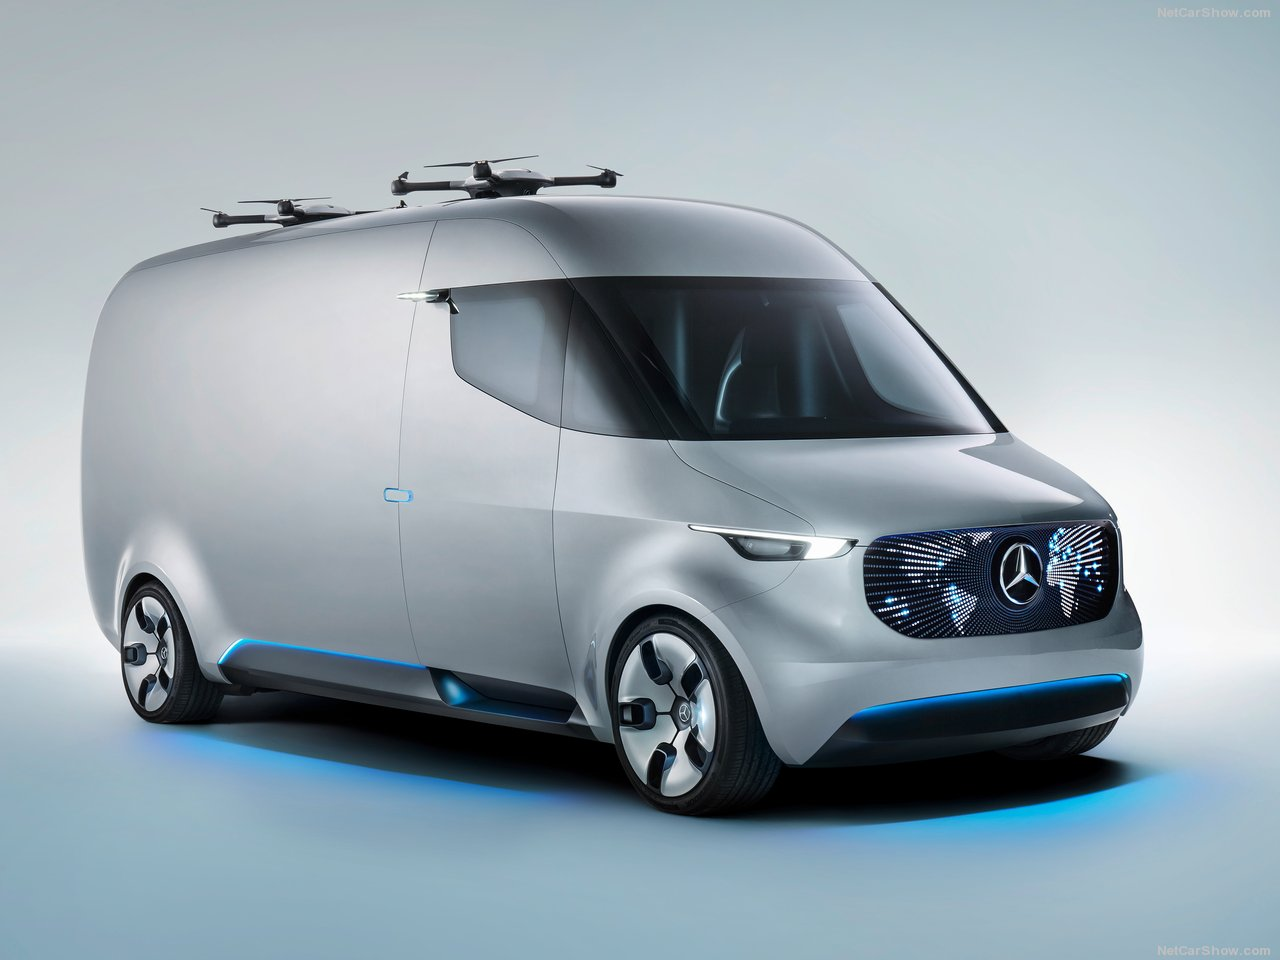 Mercedes-Benz-Vision_Van_Concept-2016-1280-06